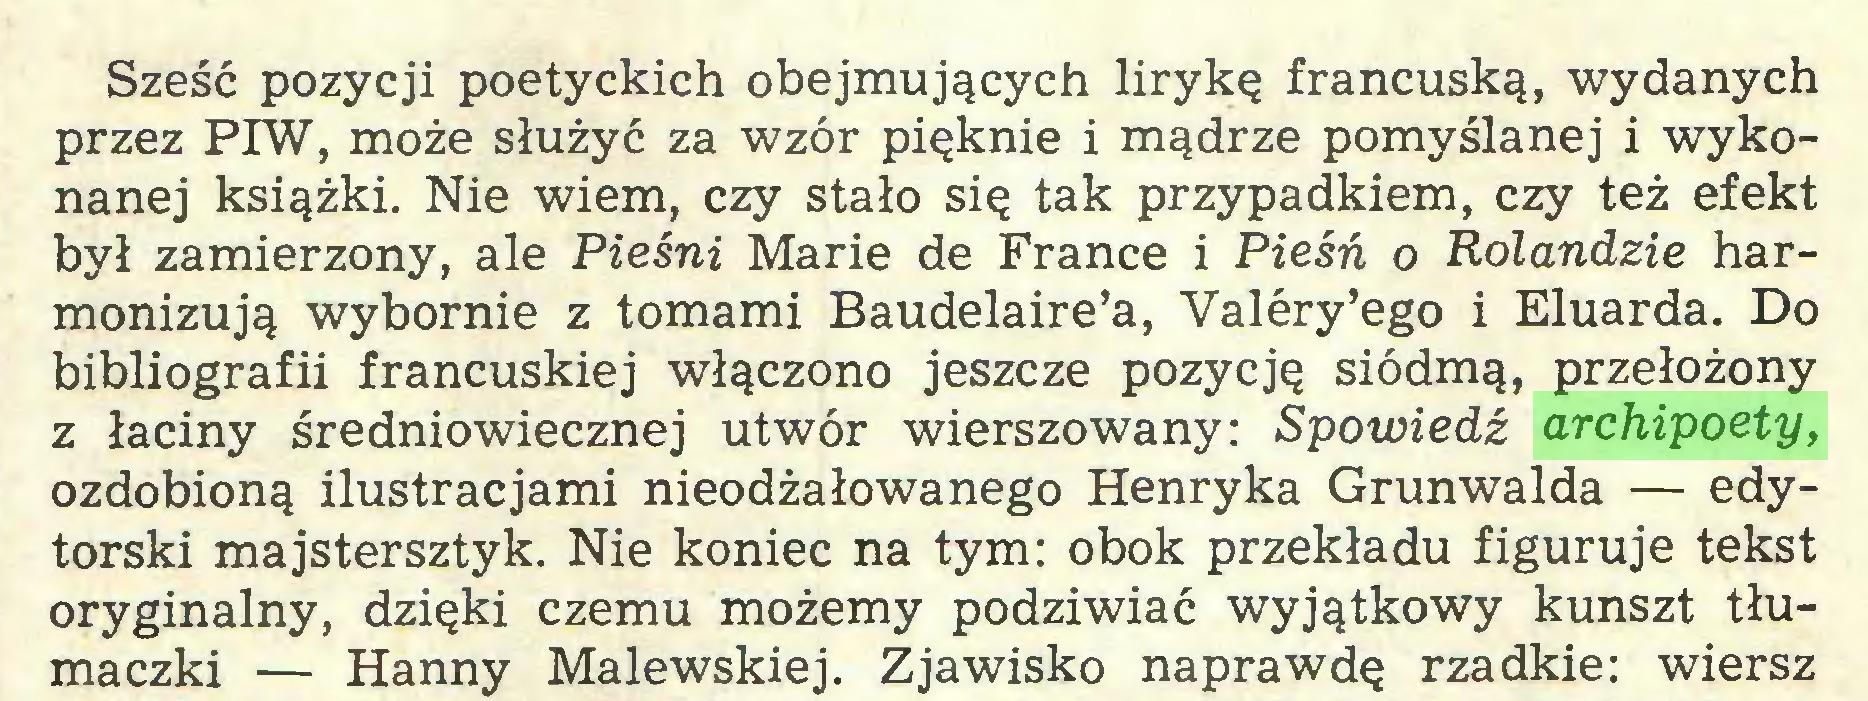 (...) Sześć pozycji poetyckich obejmujących lirykę francuską, wydanych przez PIW, może służyć za wzór pięknie i mądrze pomyślanej i wykonanej książki. Nie wiem, czy stało się tak przypadkiem, czy też efekt był zamierzony, ale Pieśni Marie de France i Pieśń o Rolandzie harmonizują wybornie z tomami Baudelaire'a, Valery'ego i Eluarda. Do bibliografii francuskiej włączono jeszcze pozycję siódmą, przełożony z łaciny średniowiecznej utwór wierszowany: Spowiedź archipoety, ozdobioną ilustracjami nieodżałowanego Henryka Grunwalda — edytorski majstersztyk. Nie koniec na tym: obok przekładu figuruje tekst oryginalny, dzięki czemu możemy podziwiać wyjątkowy kunszt tłumaczki — Hanny Malewskiej. Zjawisko naprawdę rzadkie: wiersz...